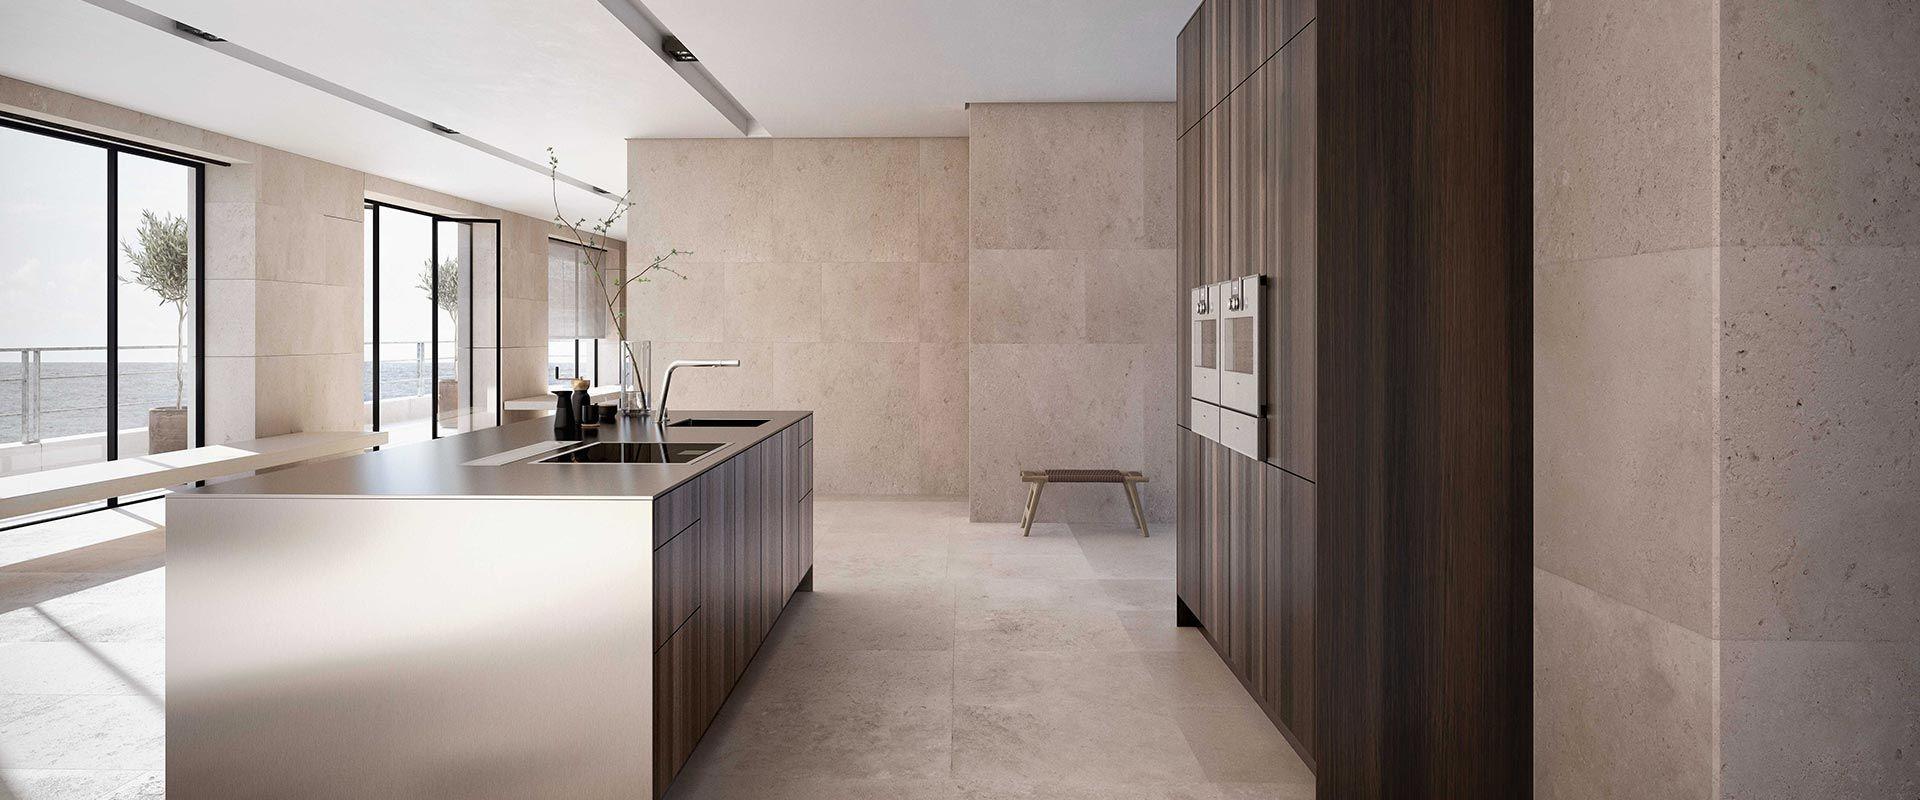 Design keuken aanrechtblad